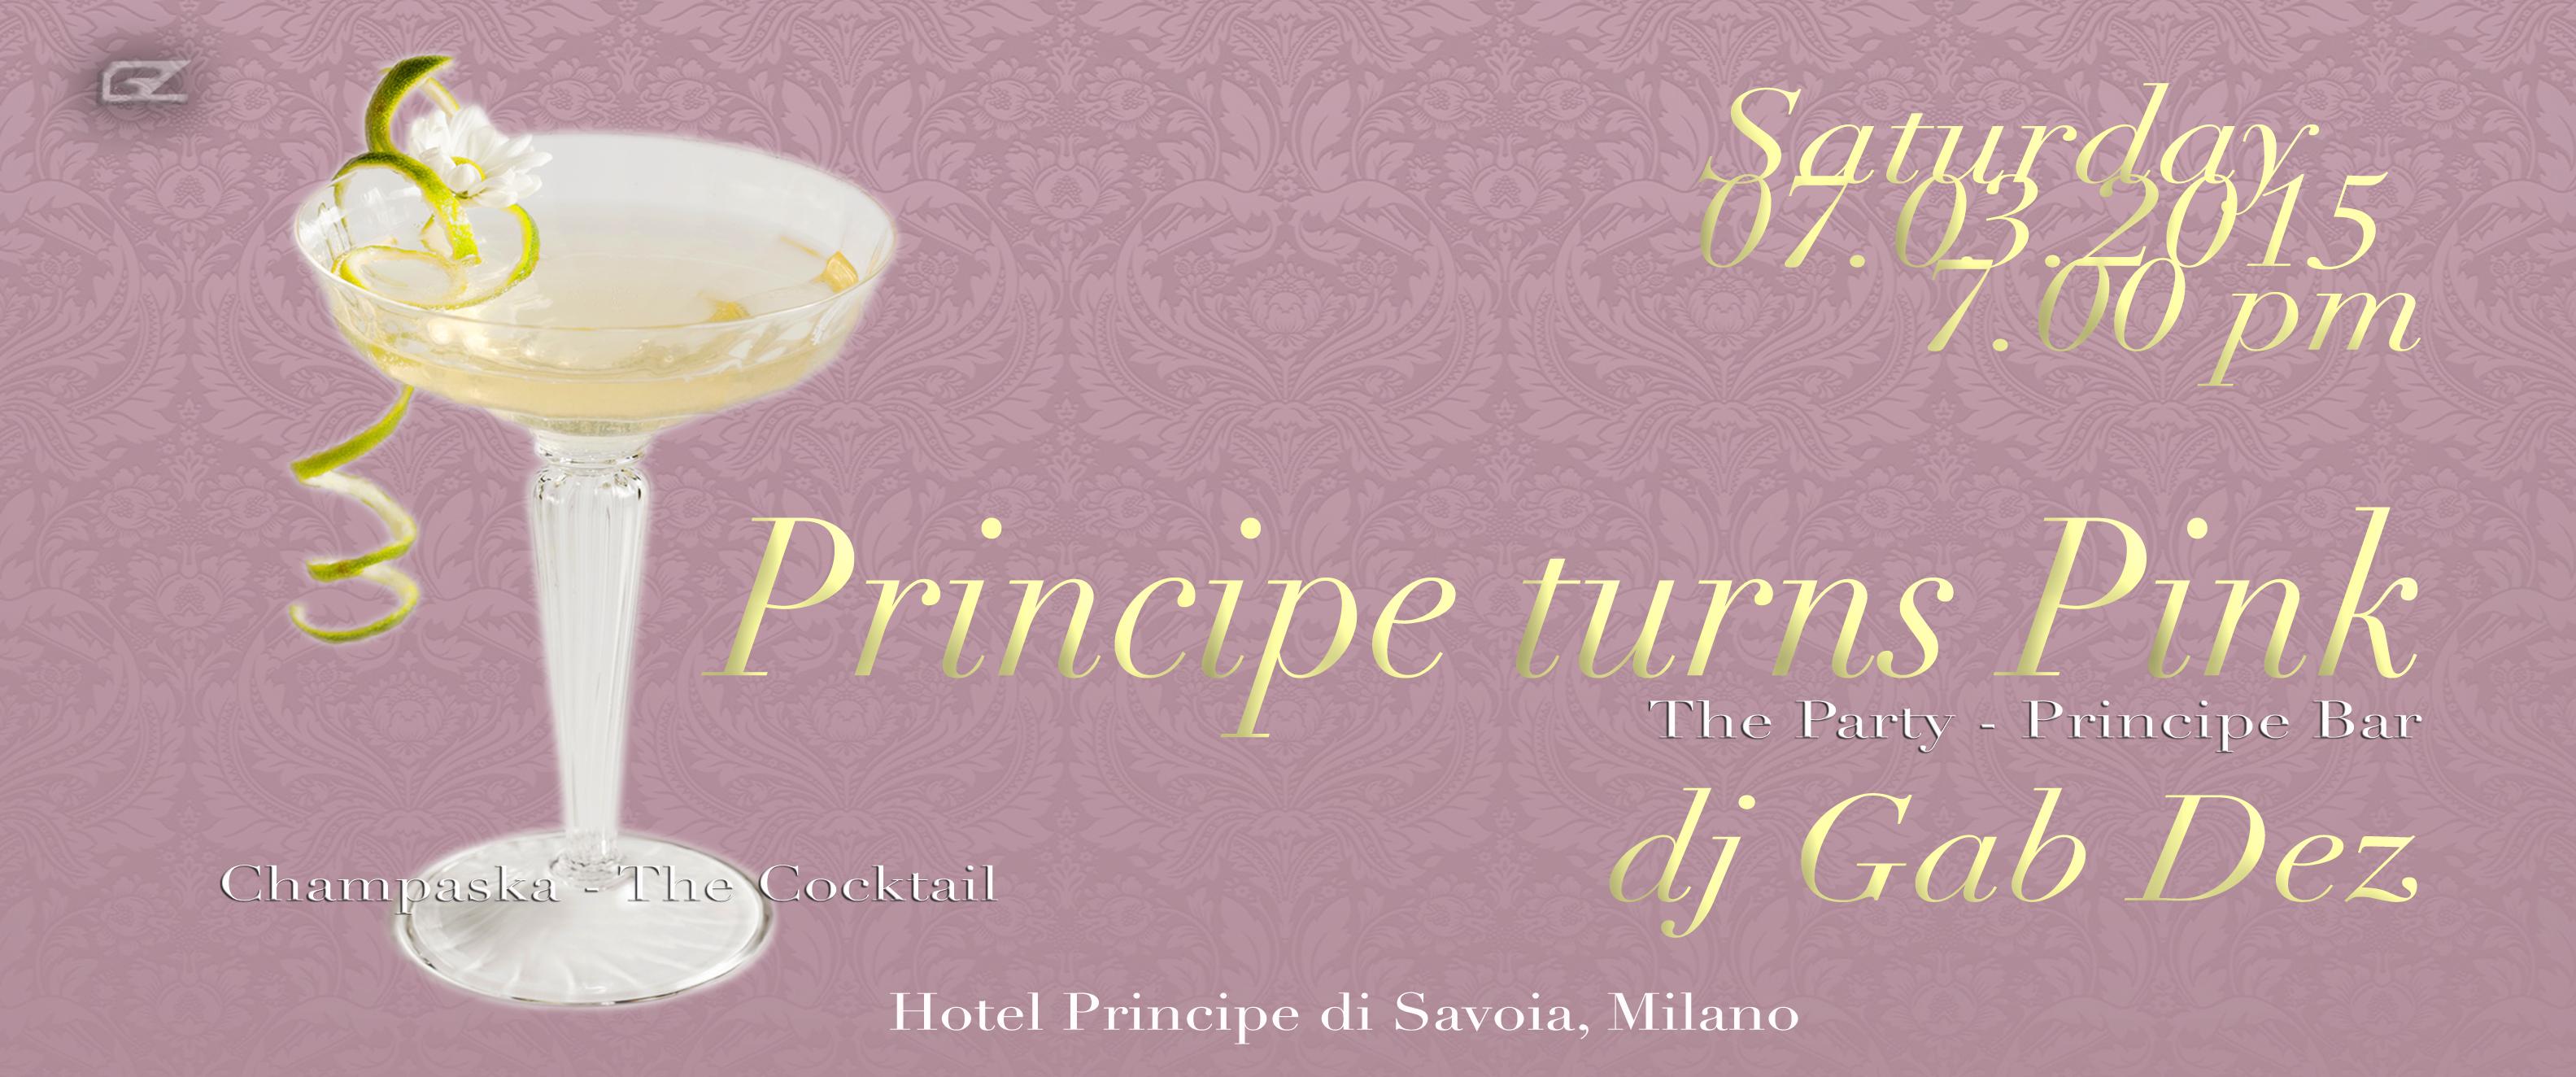 principe di Savoia 07.03.15.jpg